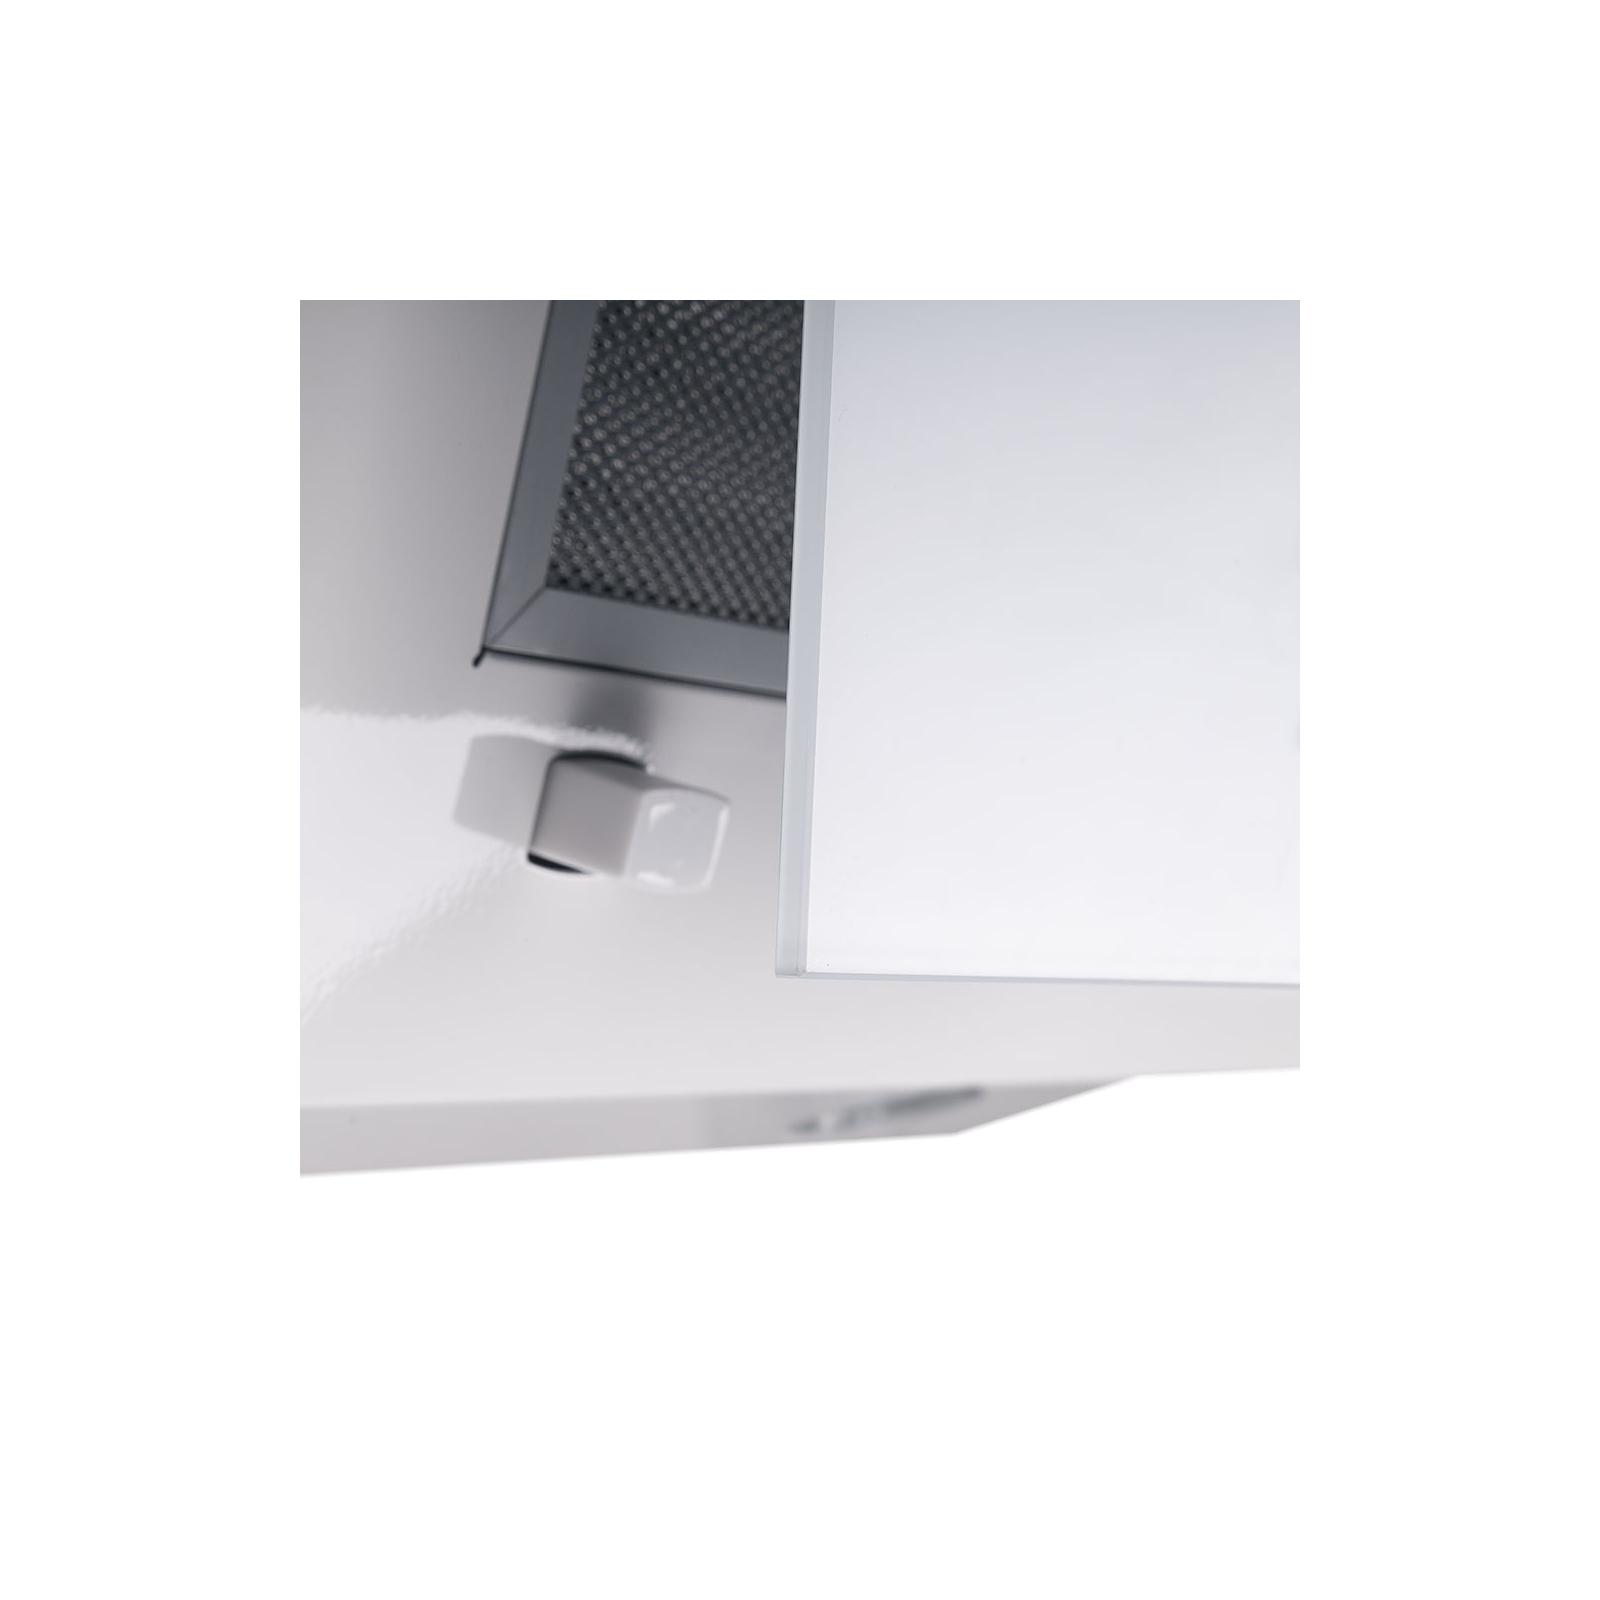 Вытяжка кухонная PYRAMIDA NR-MV 60 M WH изображение 6